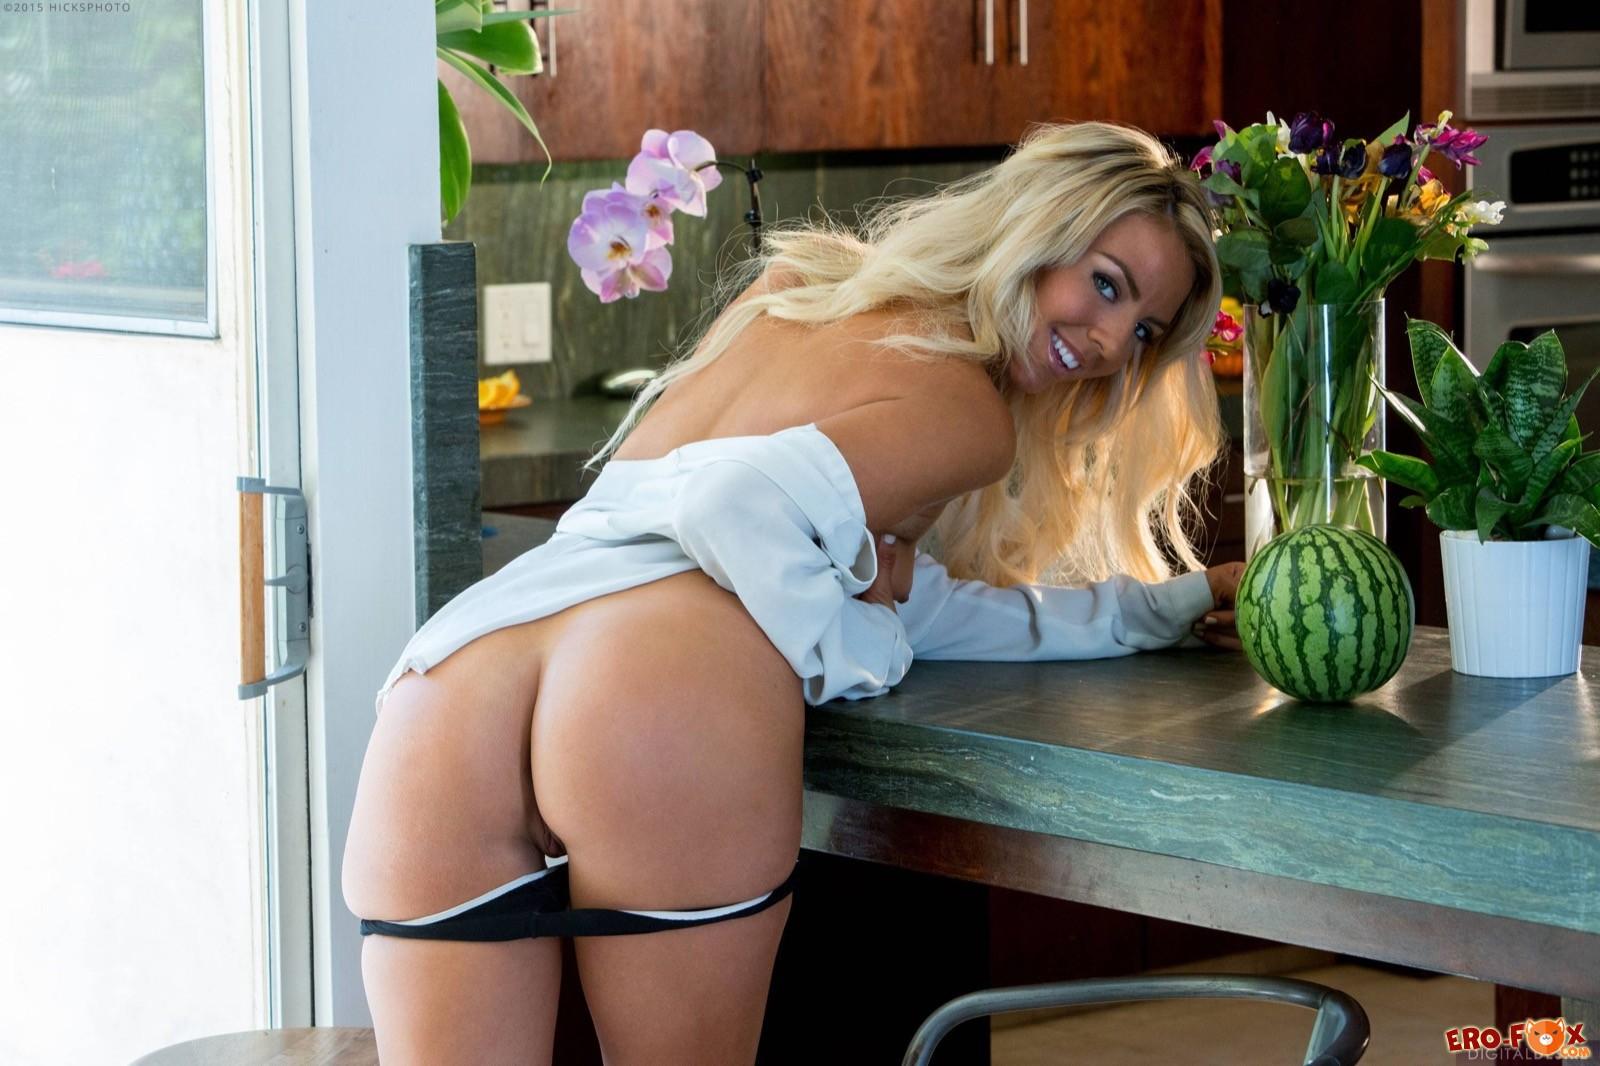 Эффектная блондинка снимает трусики на кухне